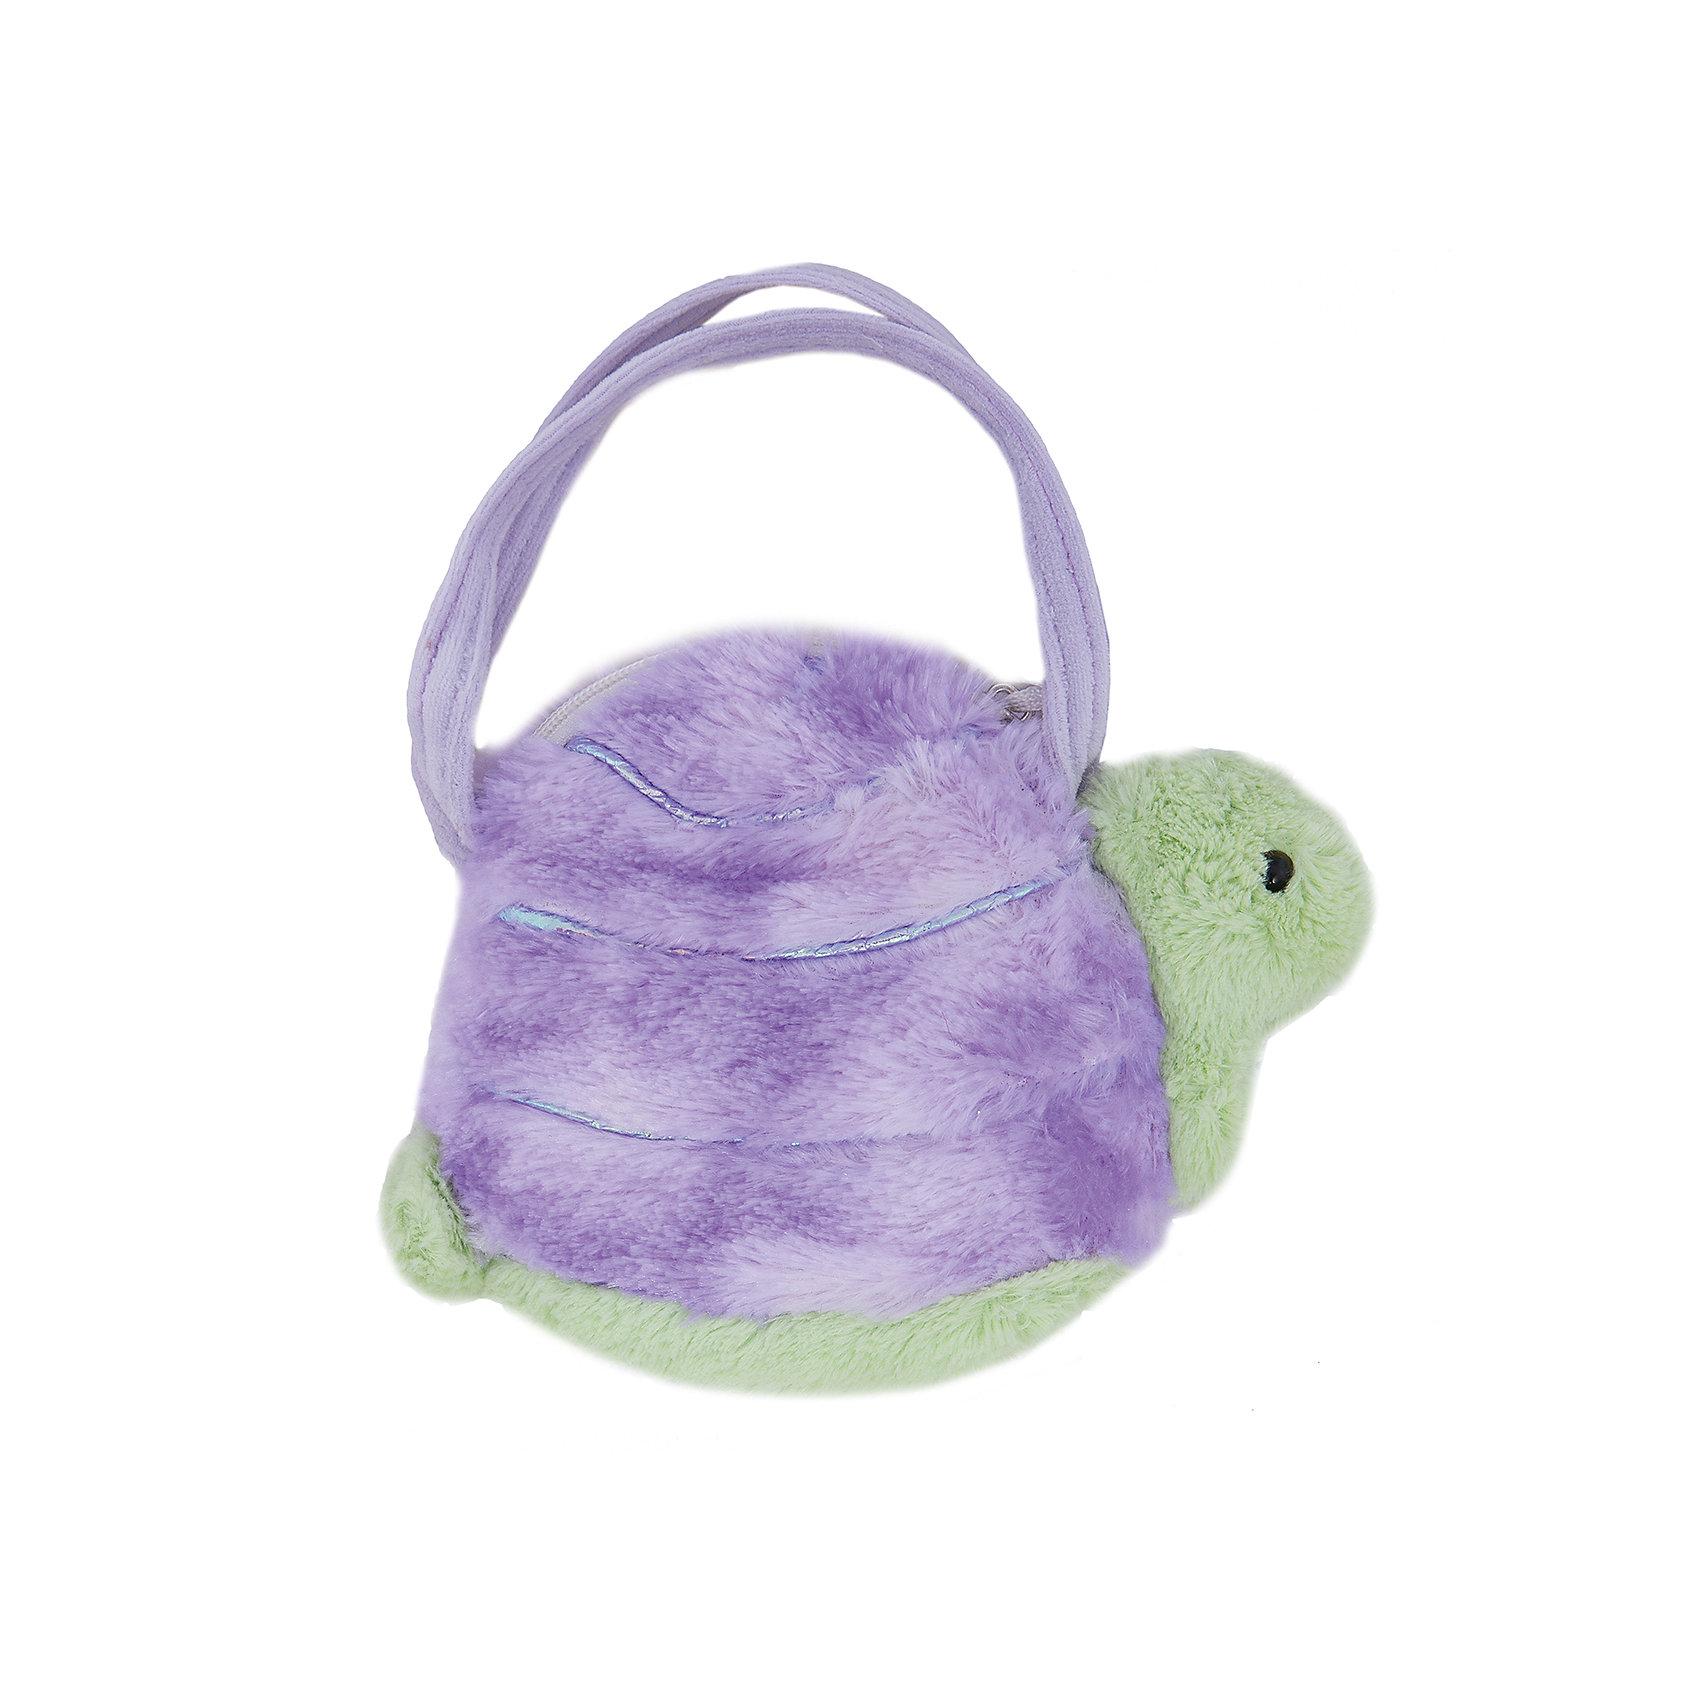 Игрушка-сумка Улитка, 20 см, BearingtonИгрушка-сумка Улитка, 20 см, Bearington (Берингтон).<br><br>Характеристики:<br><br>- Размер: 20 см.<br>- Материал: искусственный мех, текстиль<br><br>Игрушка-сумка от американской компании Bearington (Берингтон) в виде забавной улитки покорит сердце вашей маленькой модницы. Сумка имеет удобные мягкие двойные ручки. Внутри одно вместительное отделение, закрывающееся на молнию. Сумка сшита из нежного высококачественного искусственного меха. Она мягкая и приятная на ощупь. Внутренняя подкладка выполнена из качественного материала.<br><br>Игрушку-сумку Улитка, 20 см, Bearington (Берингтон) можно купить в нашем интернет-магазине.<br><br>Ширина мм: 200<br>Глубина мм: 30<br>Высота мм: 30<br>Вес г: 150<br>Возраст от месяцев: 36<br>Возраст до месяцев: 2147483647<br>Пол: Женский<br>Возраст: Детский<br>SKU: 5119972